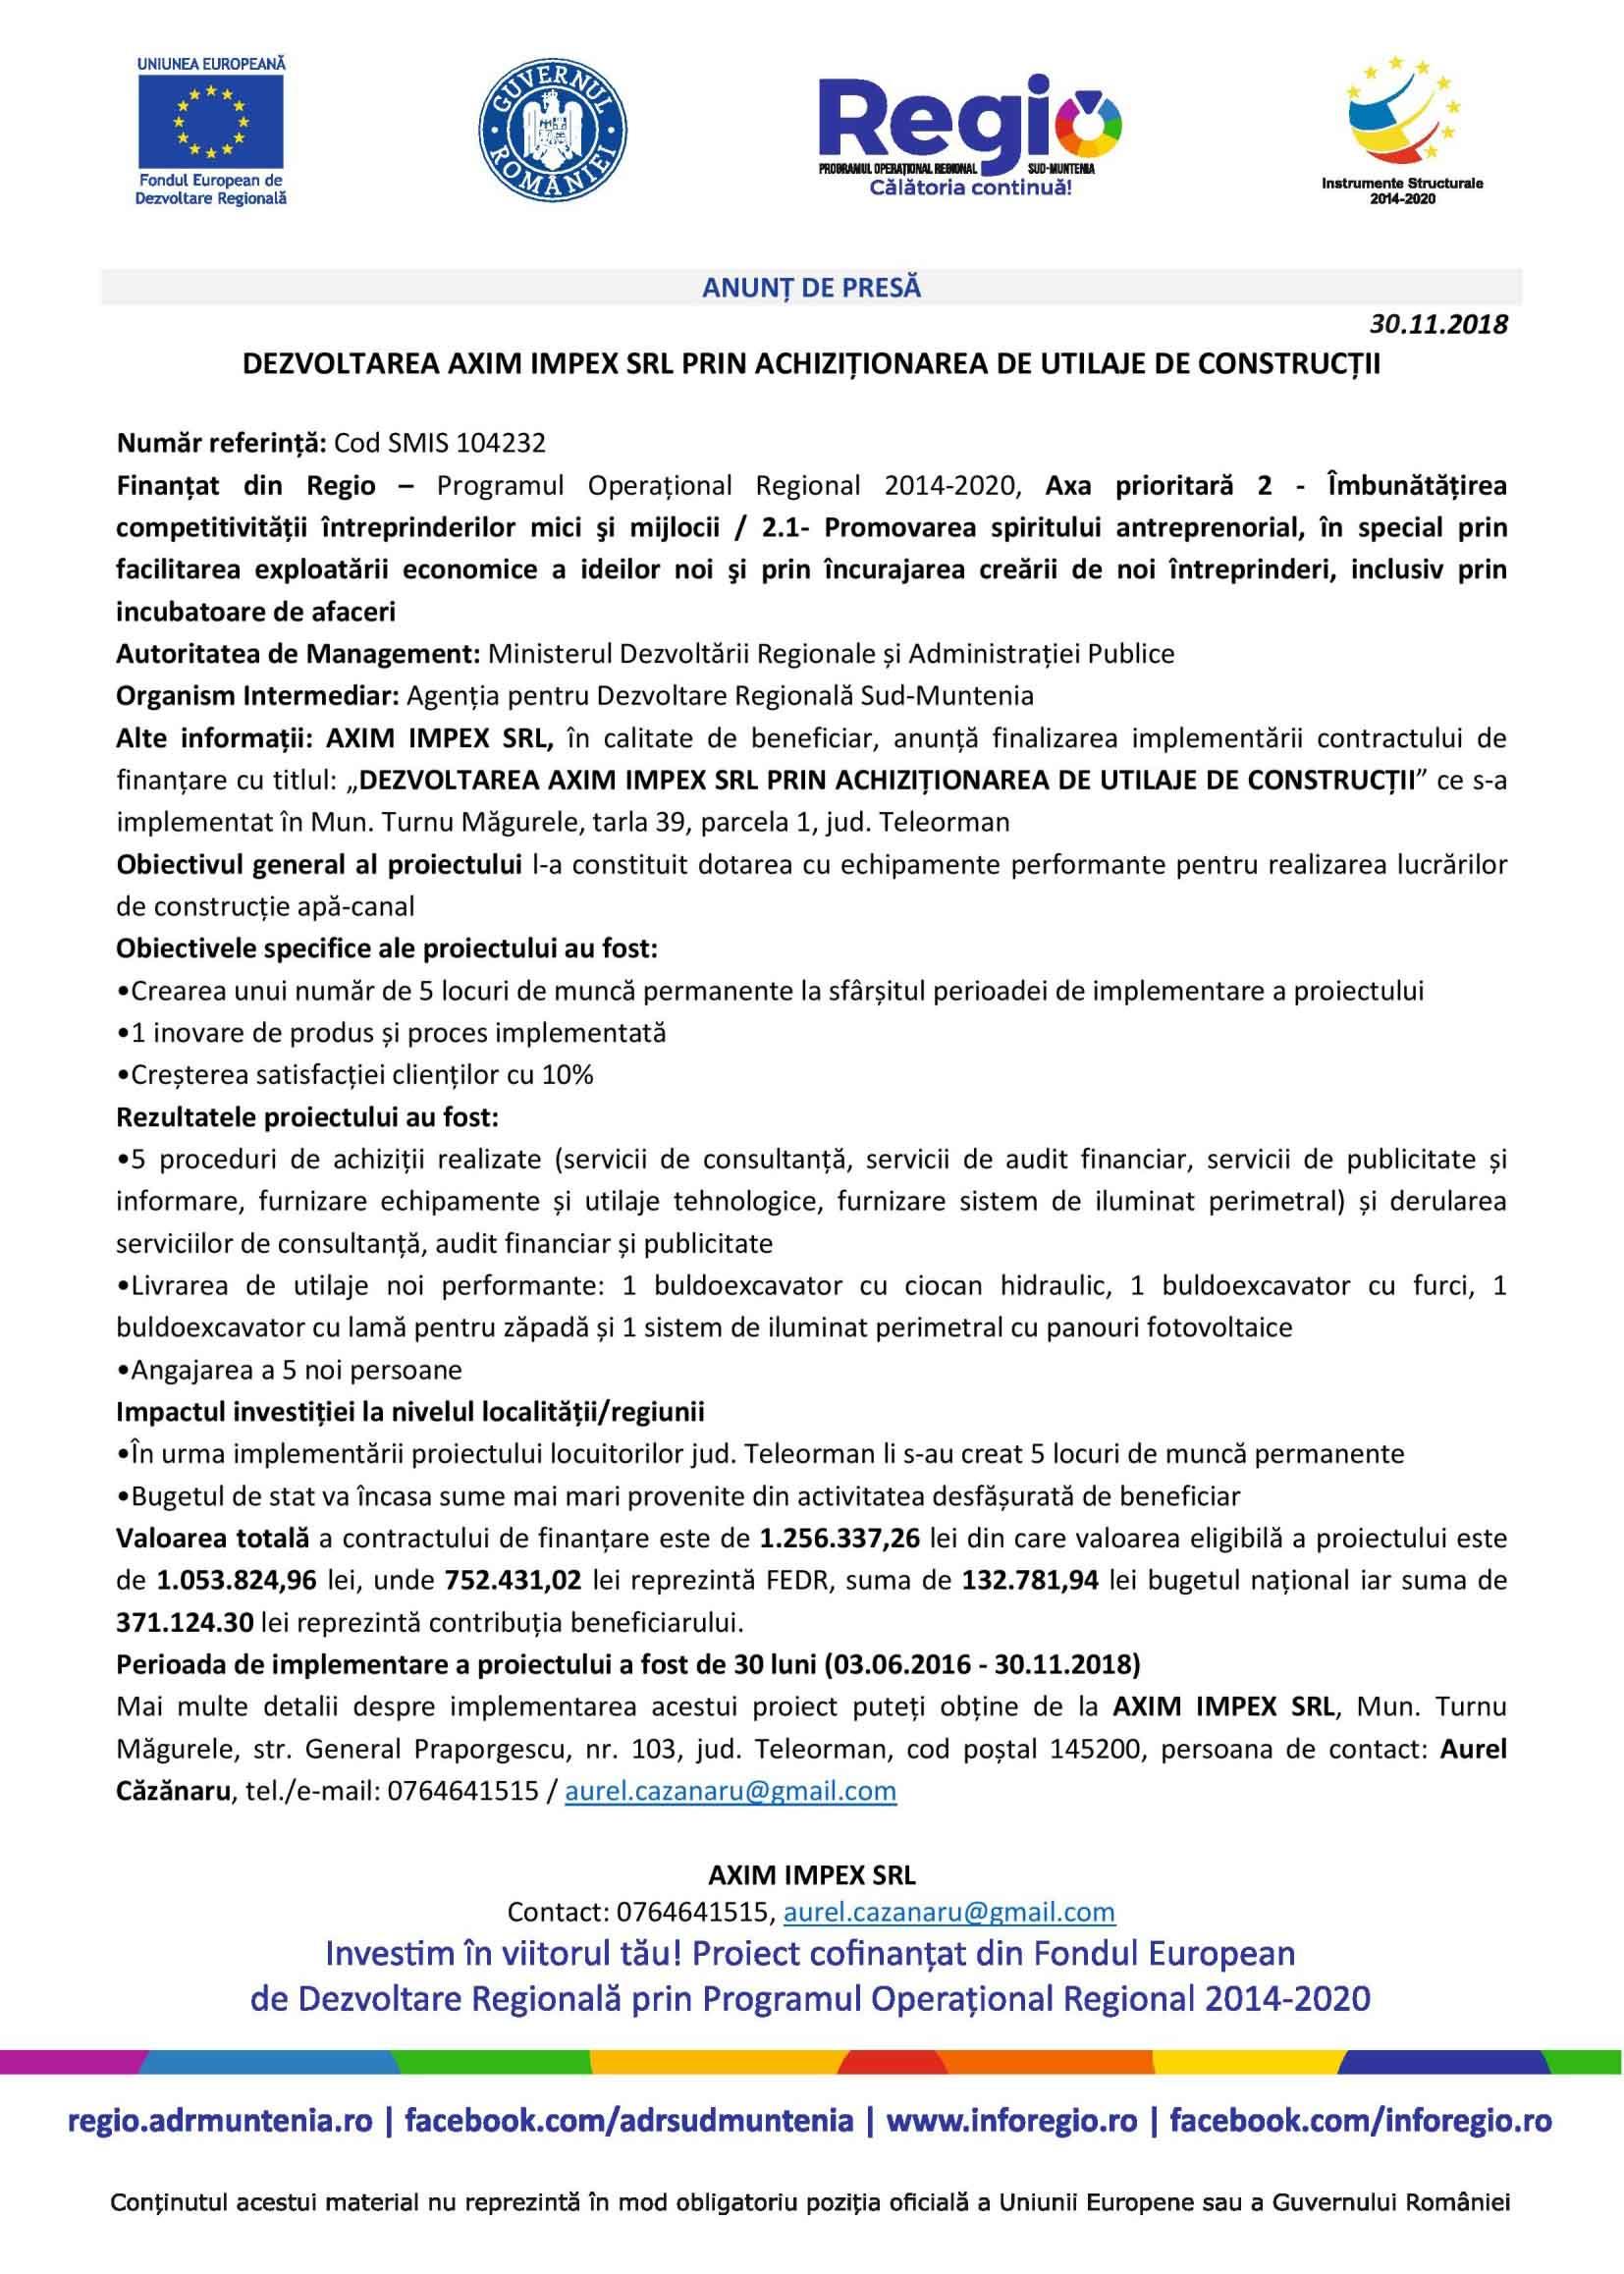 ANUNȚ DE PRESĂ. DEZVOLTAREA AXIM IMPEX SRL PRIN ACHIZIȚIONAREA DE UTILAJE DE CONSTRUCȚII